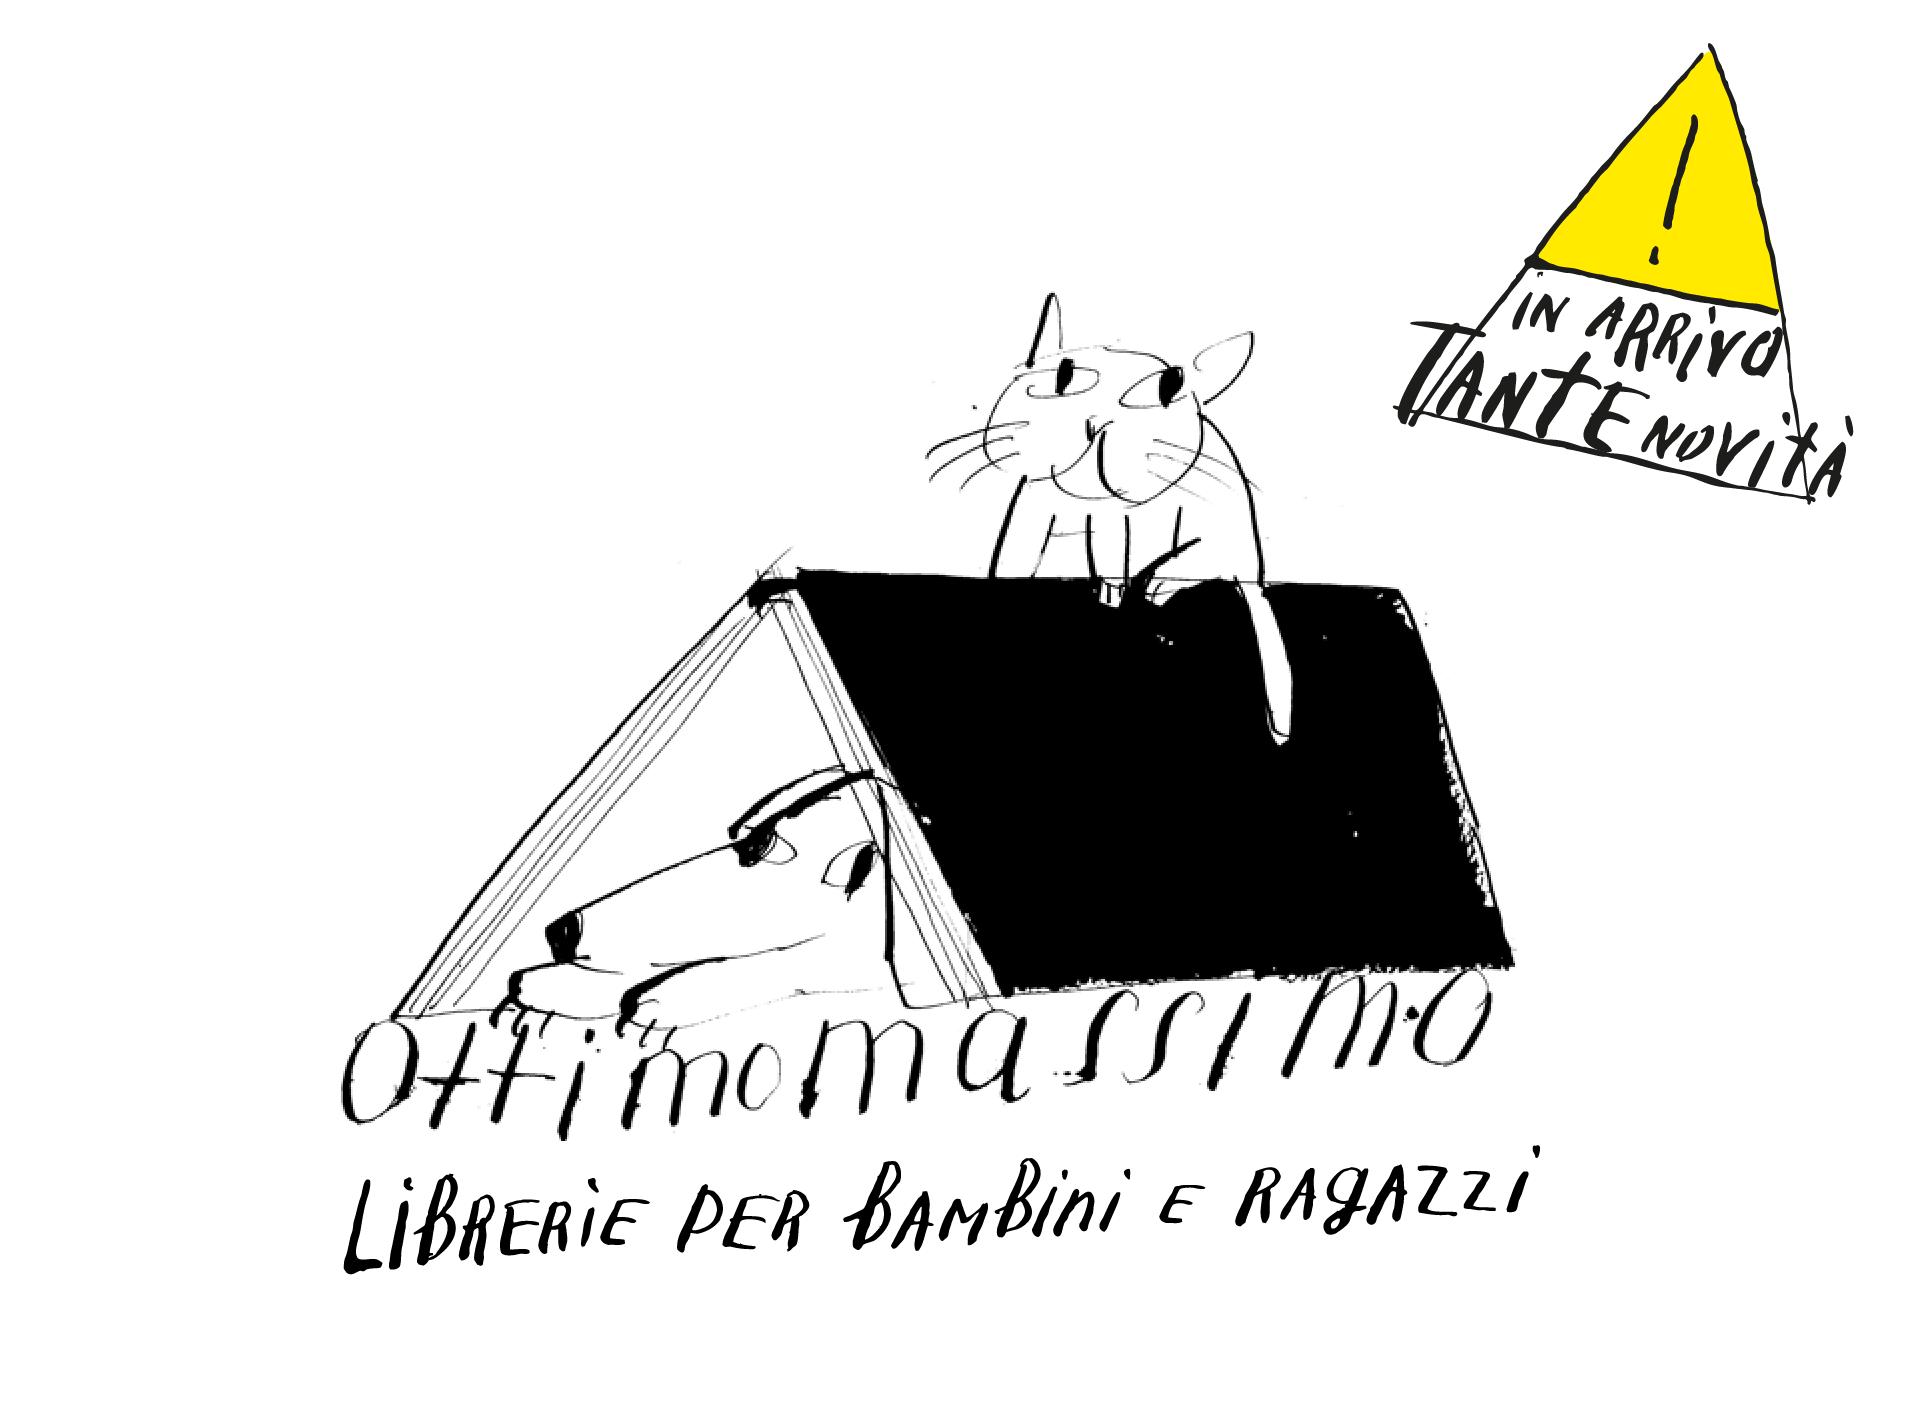 Ottimomassimo – Librerie per bambini e ragazzi. In arrivo tante novità!